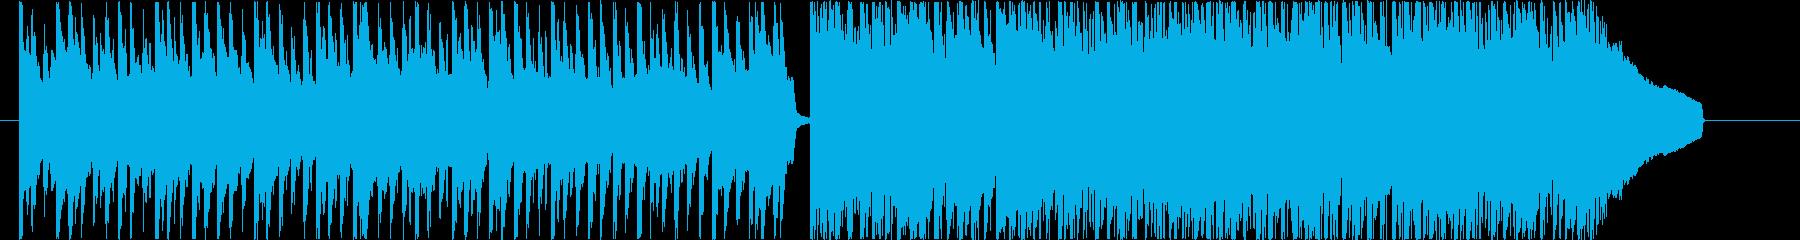 イベント終幕用のおしゃれで爽やかなBGMの再生済みの波形